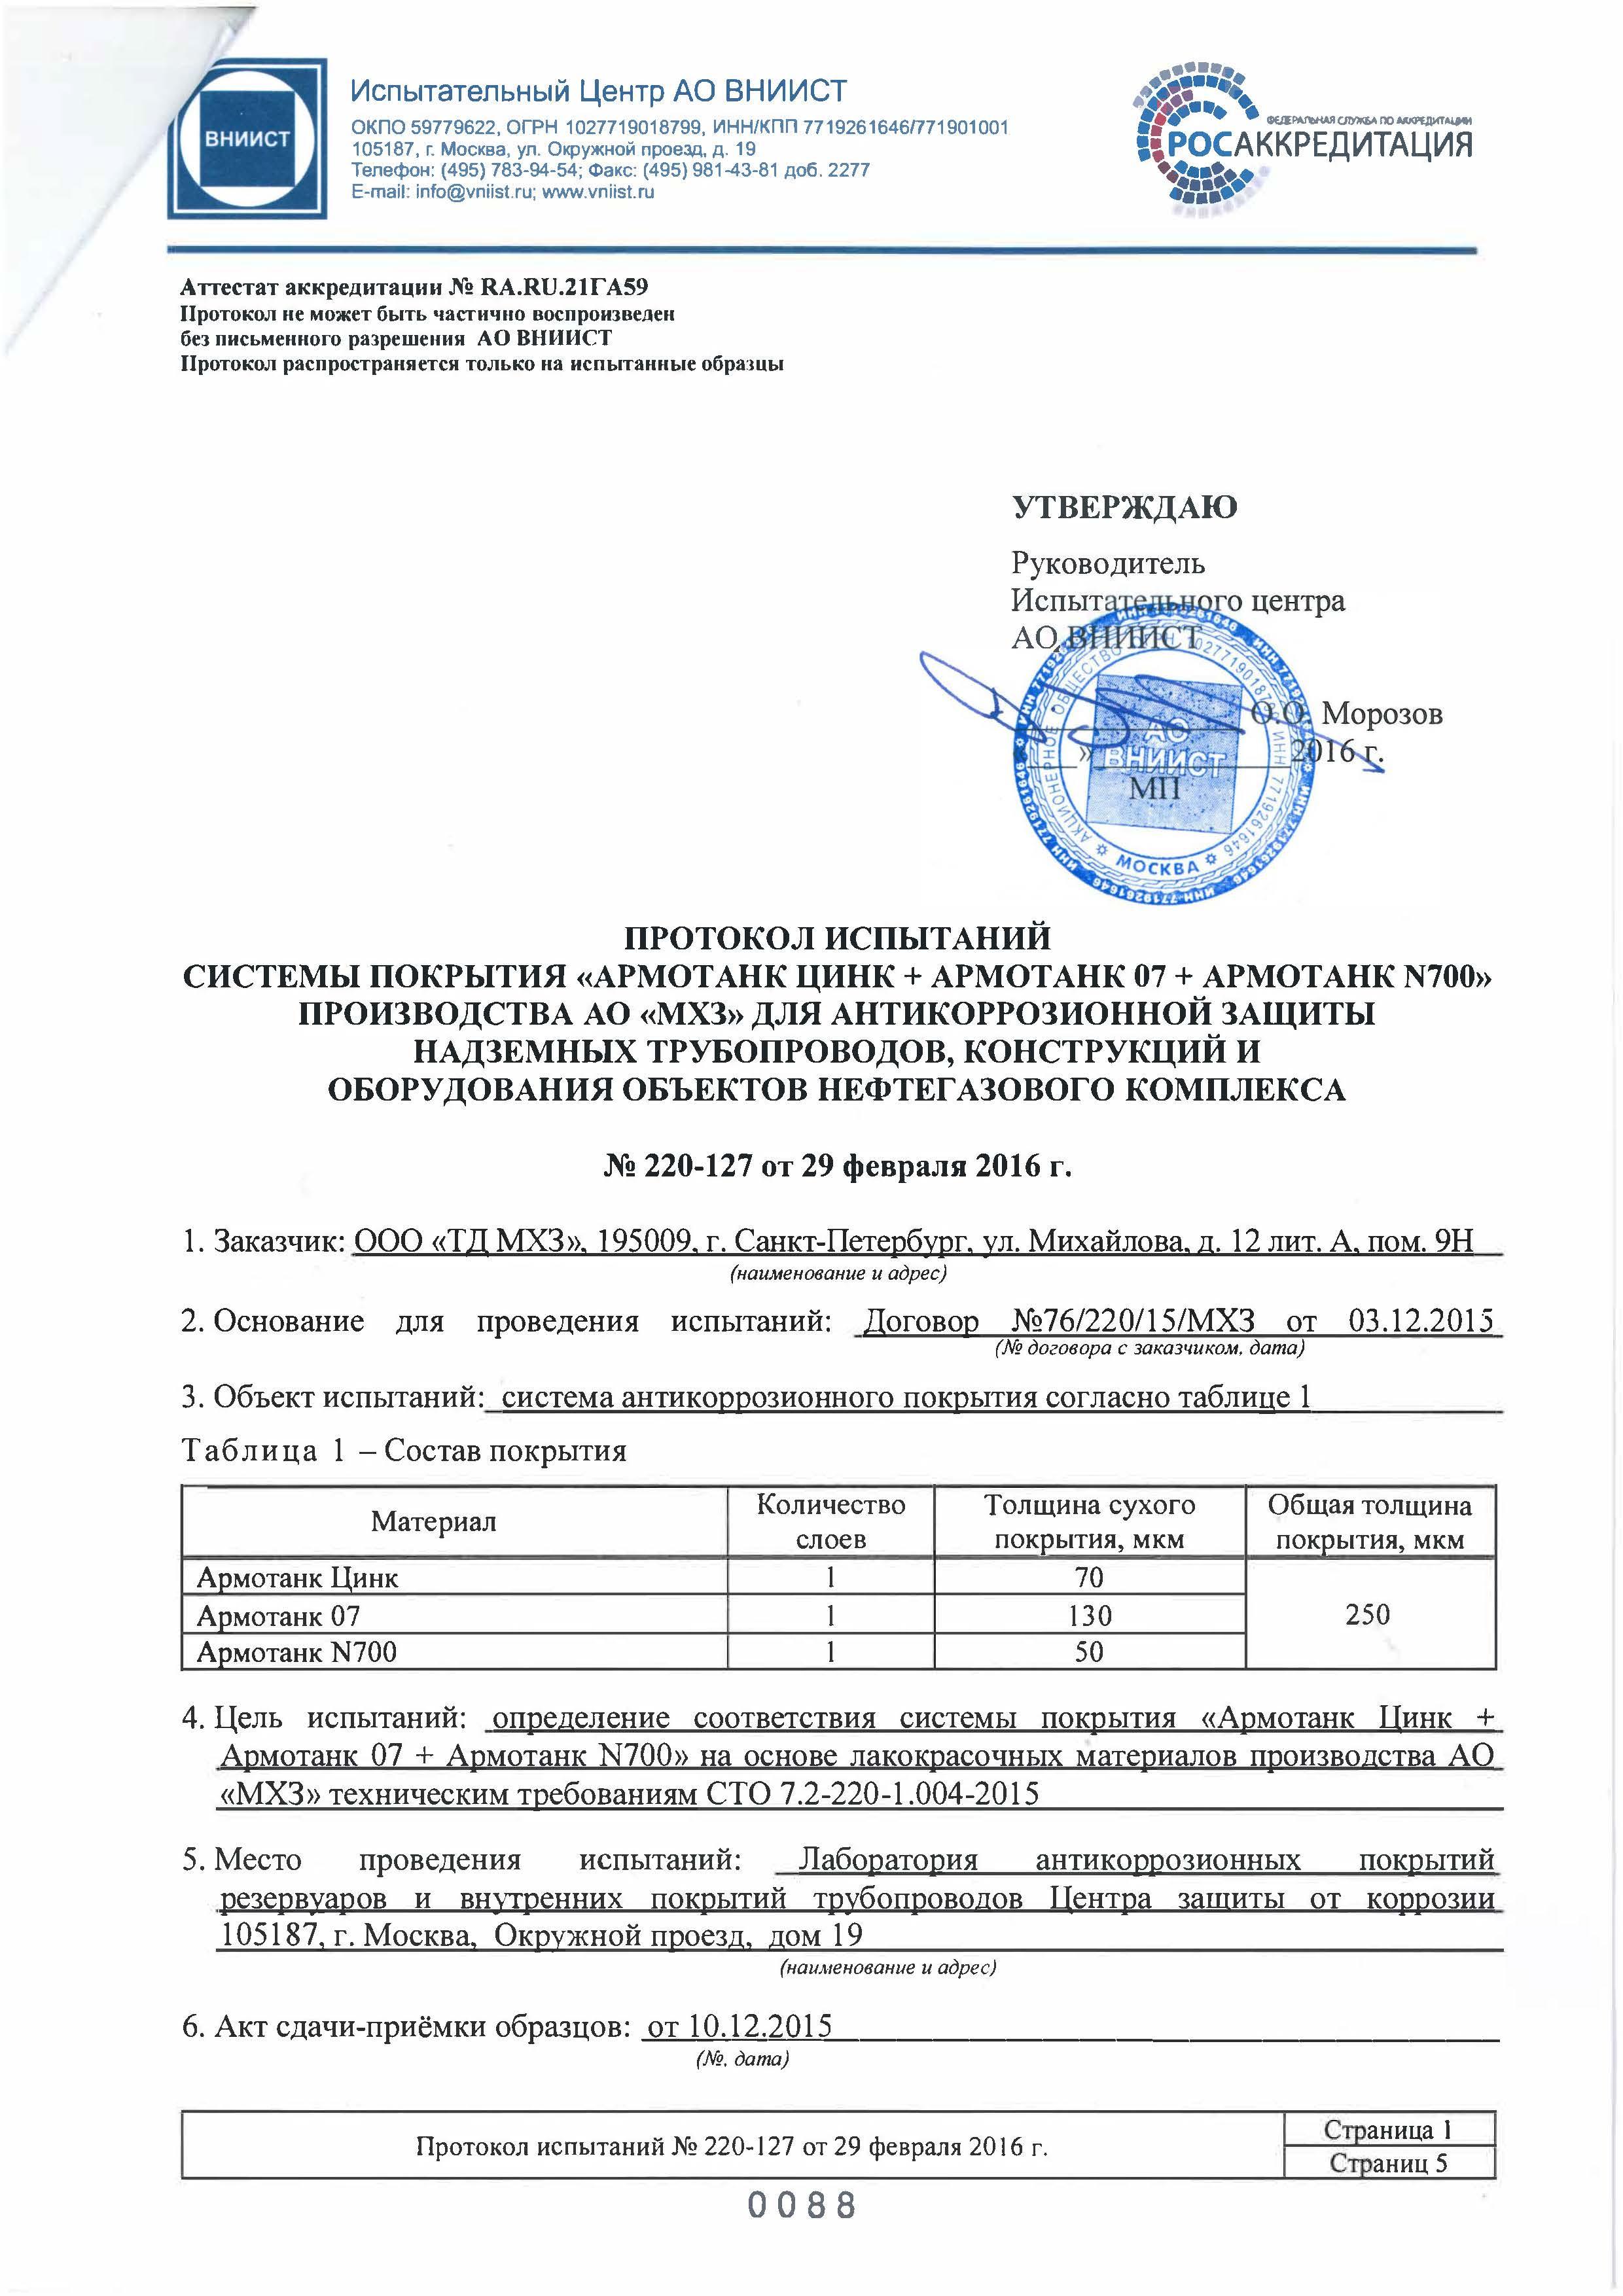 ВНИИСТ Цинк+07+N700 для трубопроводов; С-3,С-4,С5-М-20 лет+Протокол №220-127_Страница_2